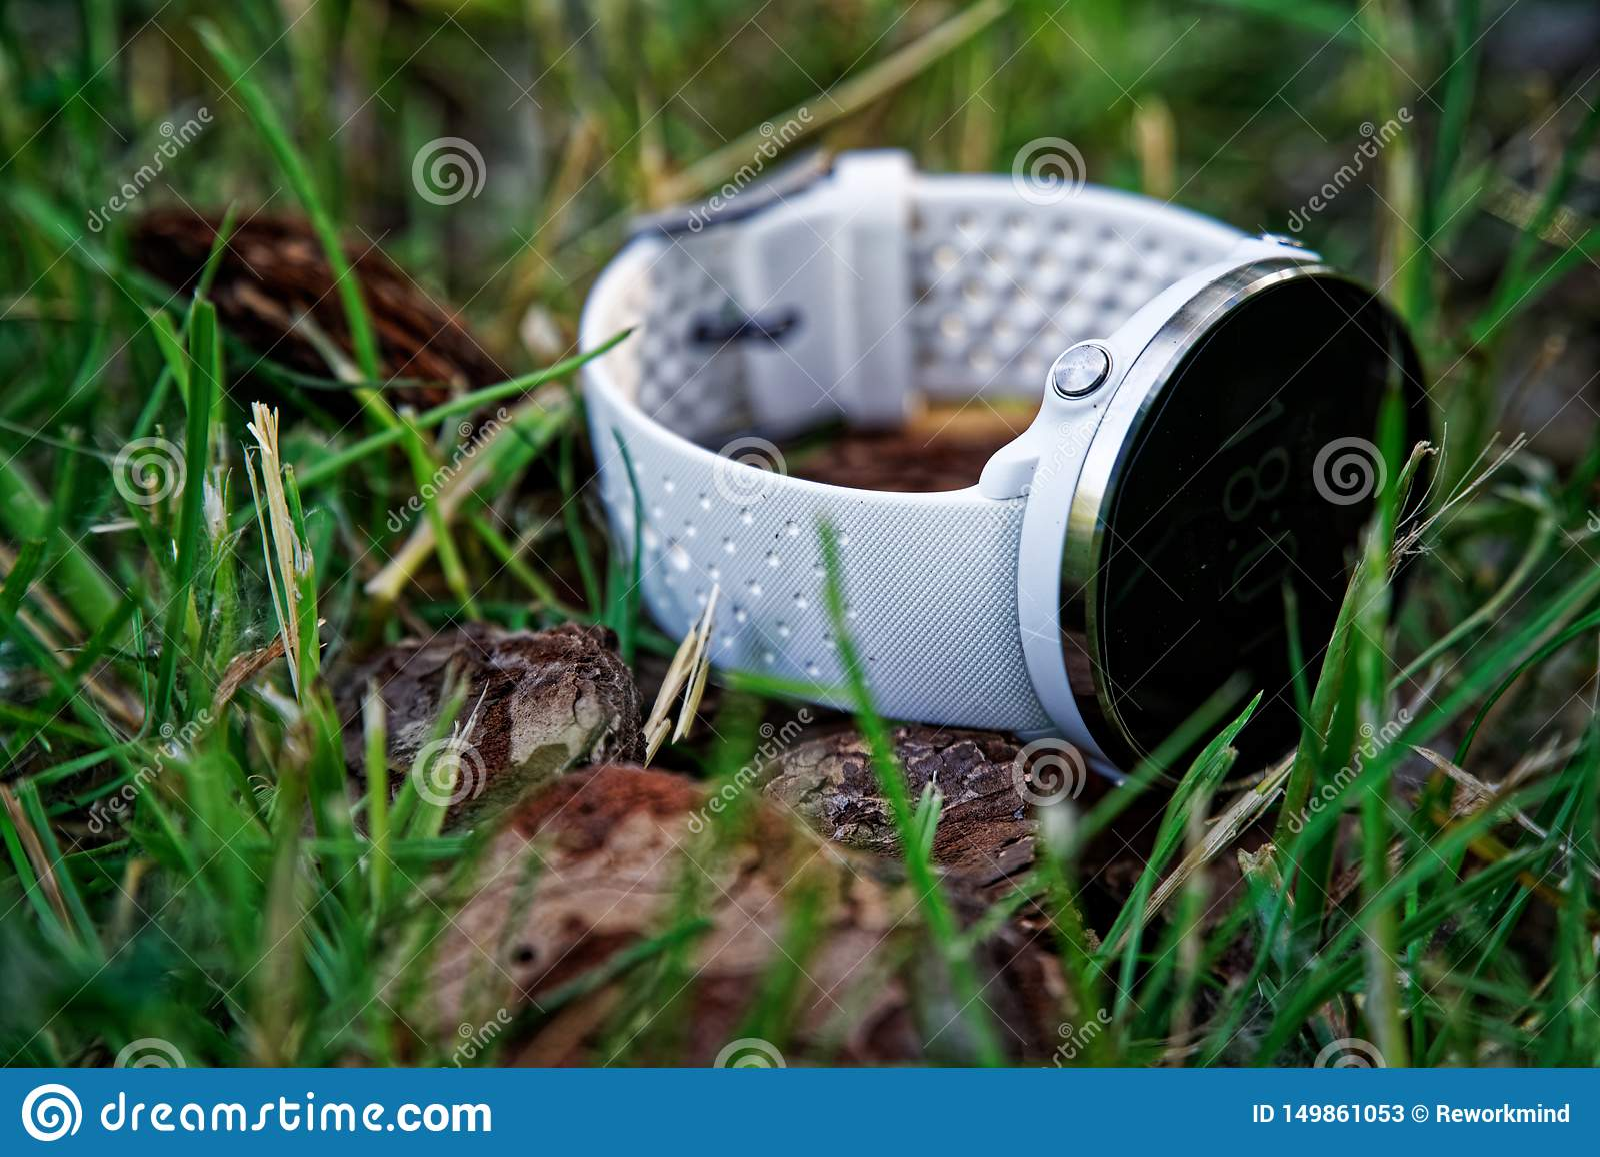 Montre de sport pour la couleur blanche fonctionnante au sol dans l herbe Montre de forme physique pour la formation quotidienne